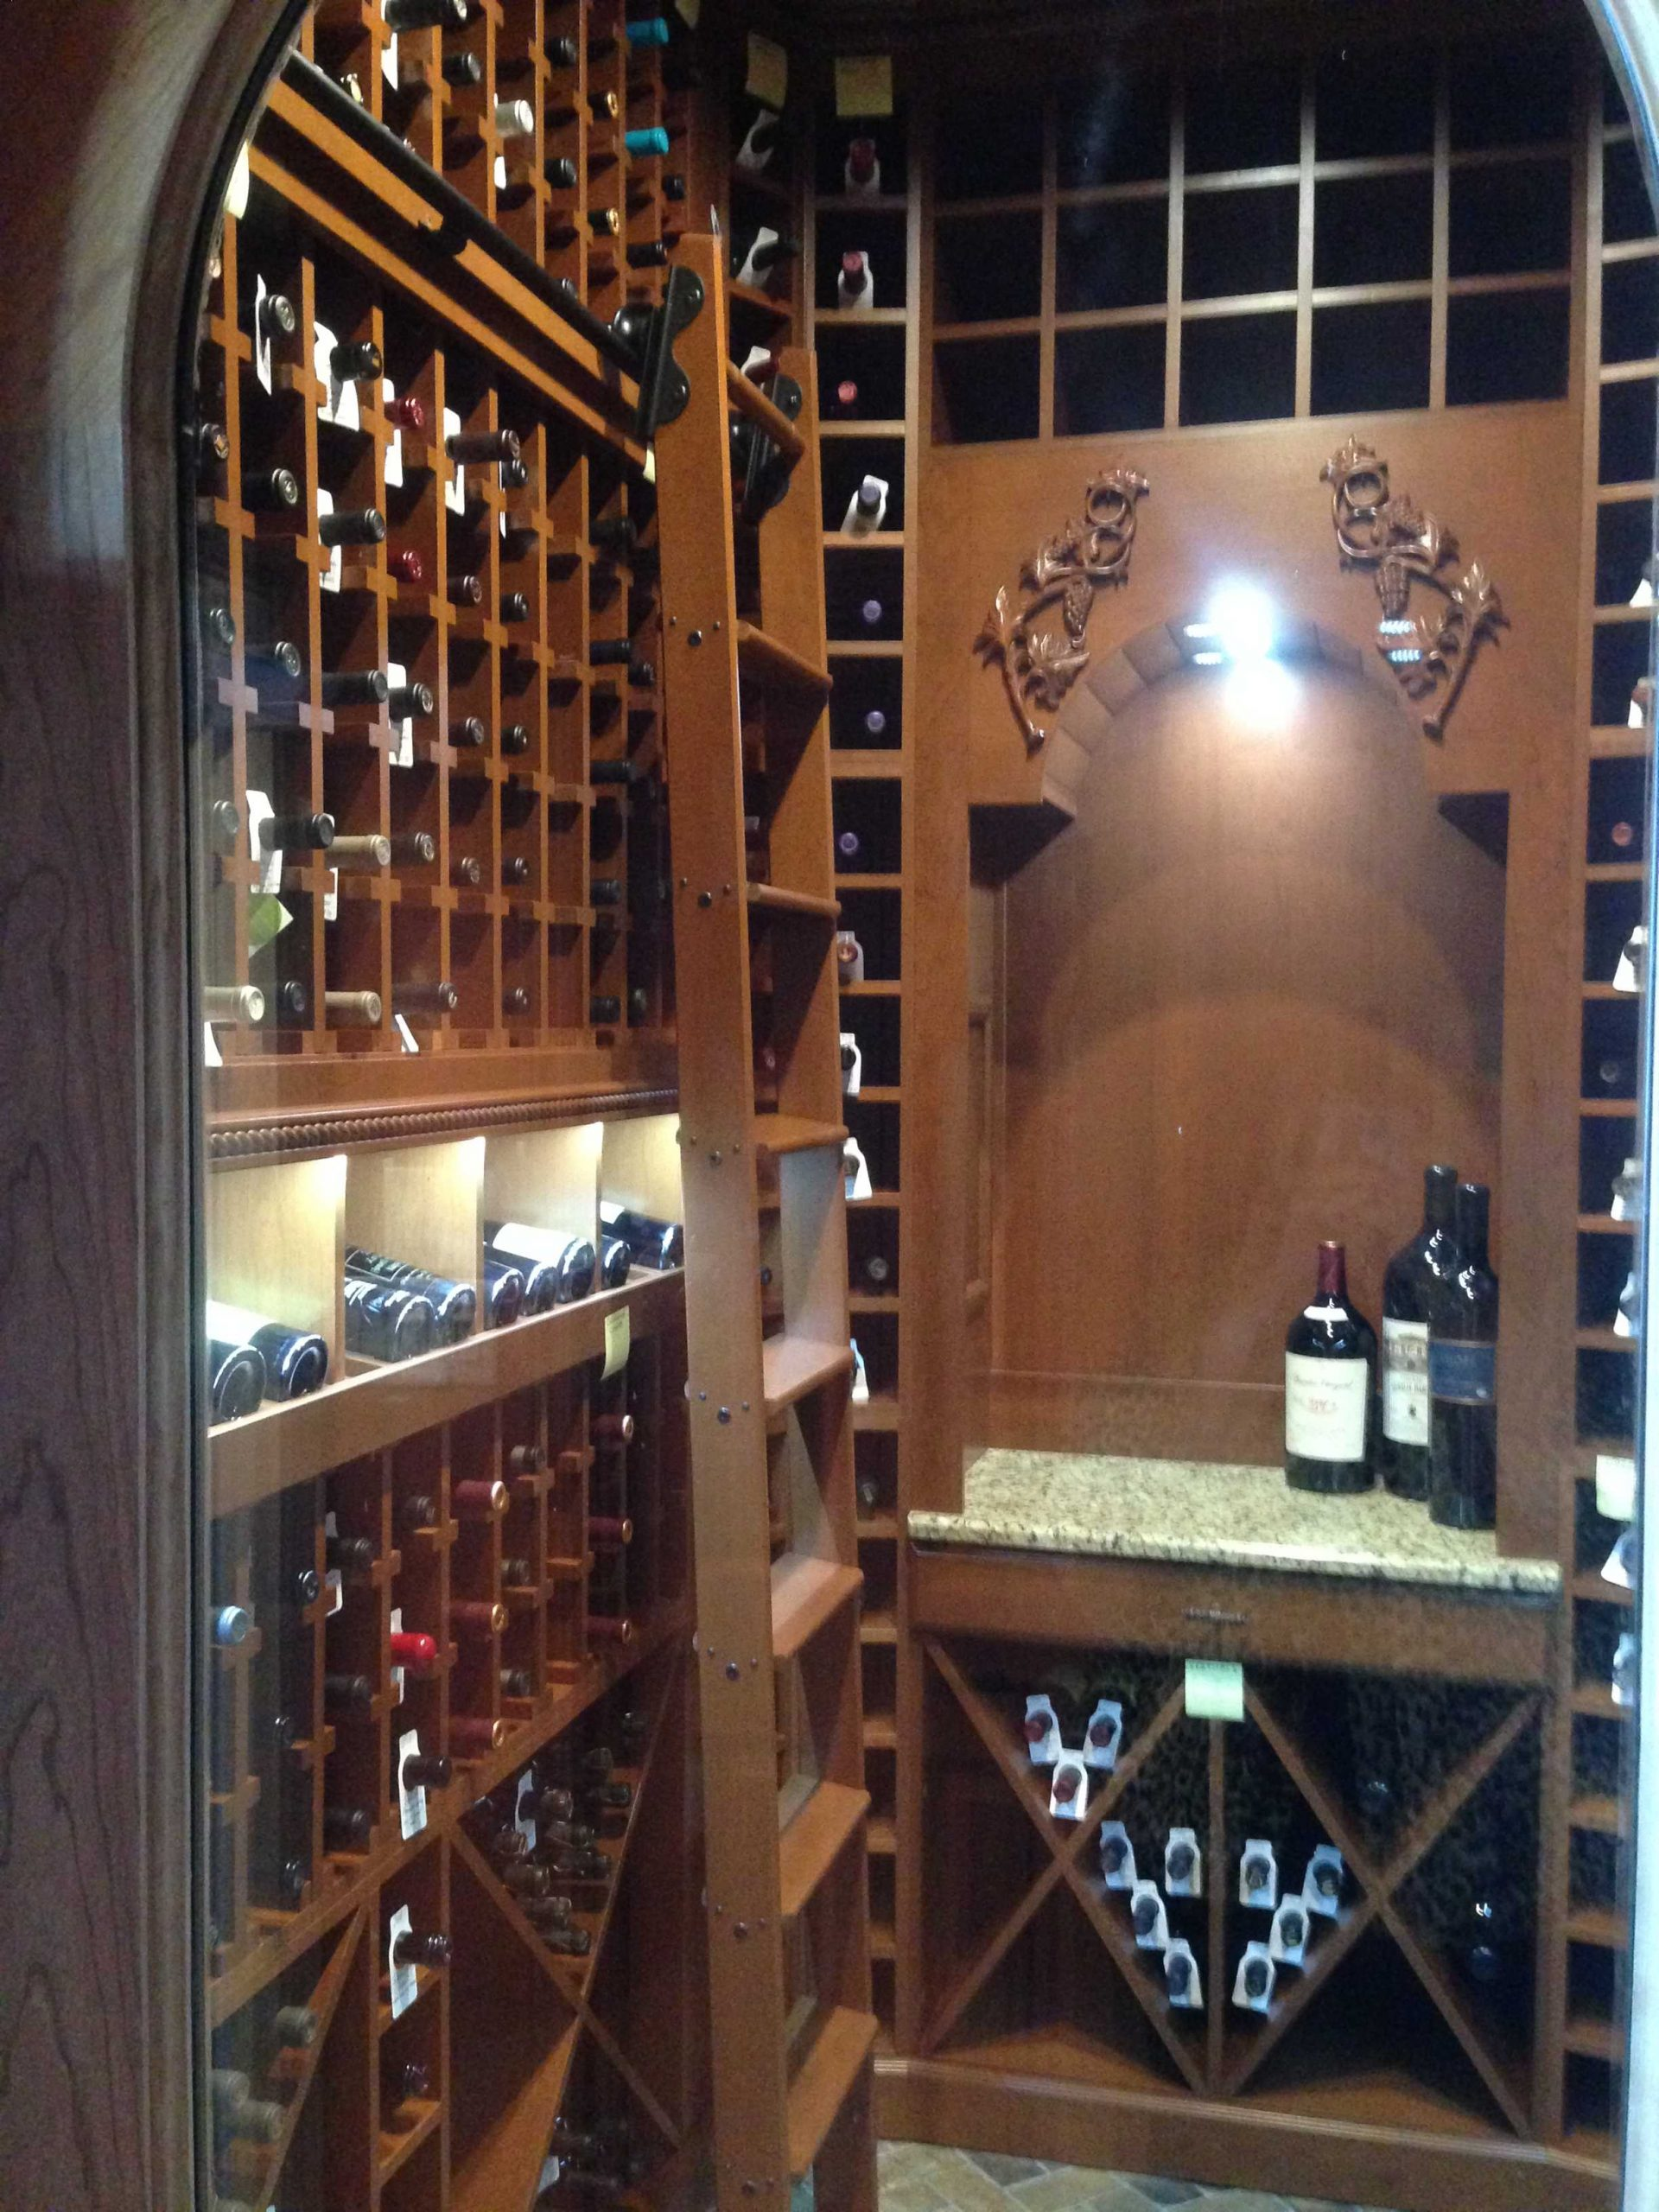 Wine Cellar Custom Wine Storage Alpha Closets Company Inc, 6084 Gulf Breeze Pkwy, Gulf Breeze, Fl 32563 (850) 934 9130